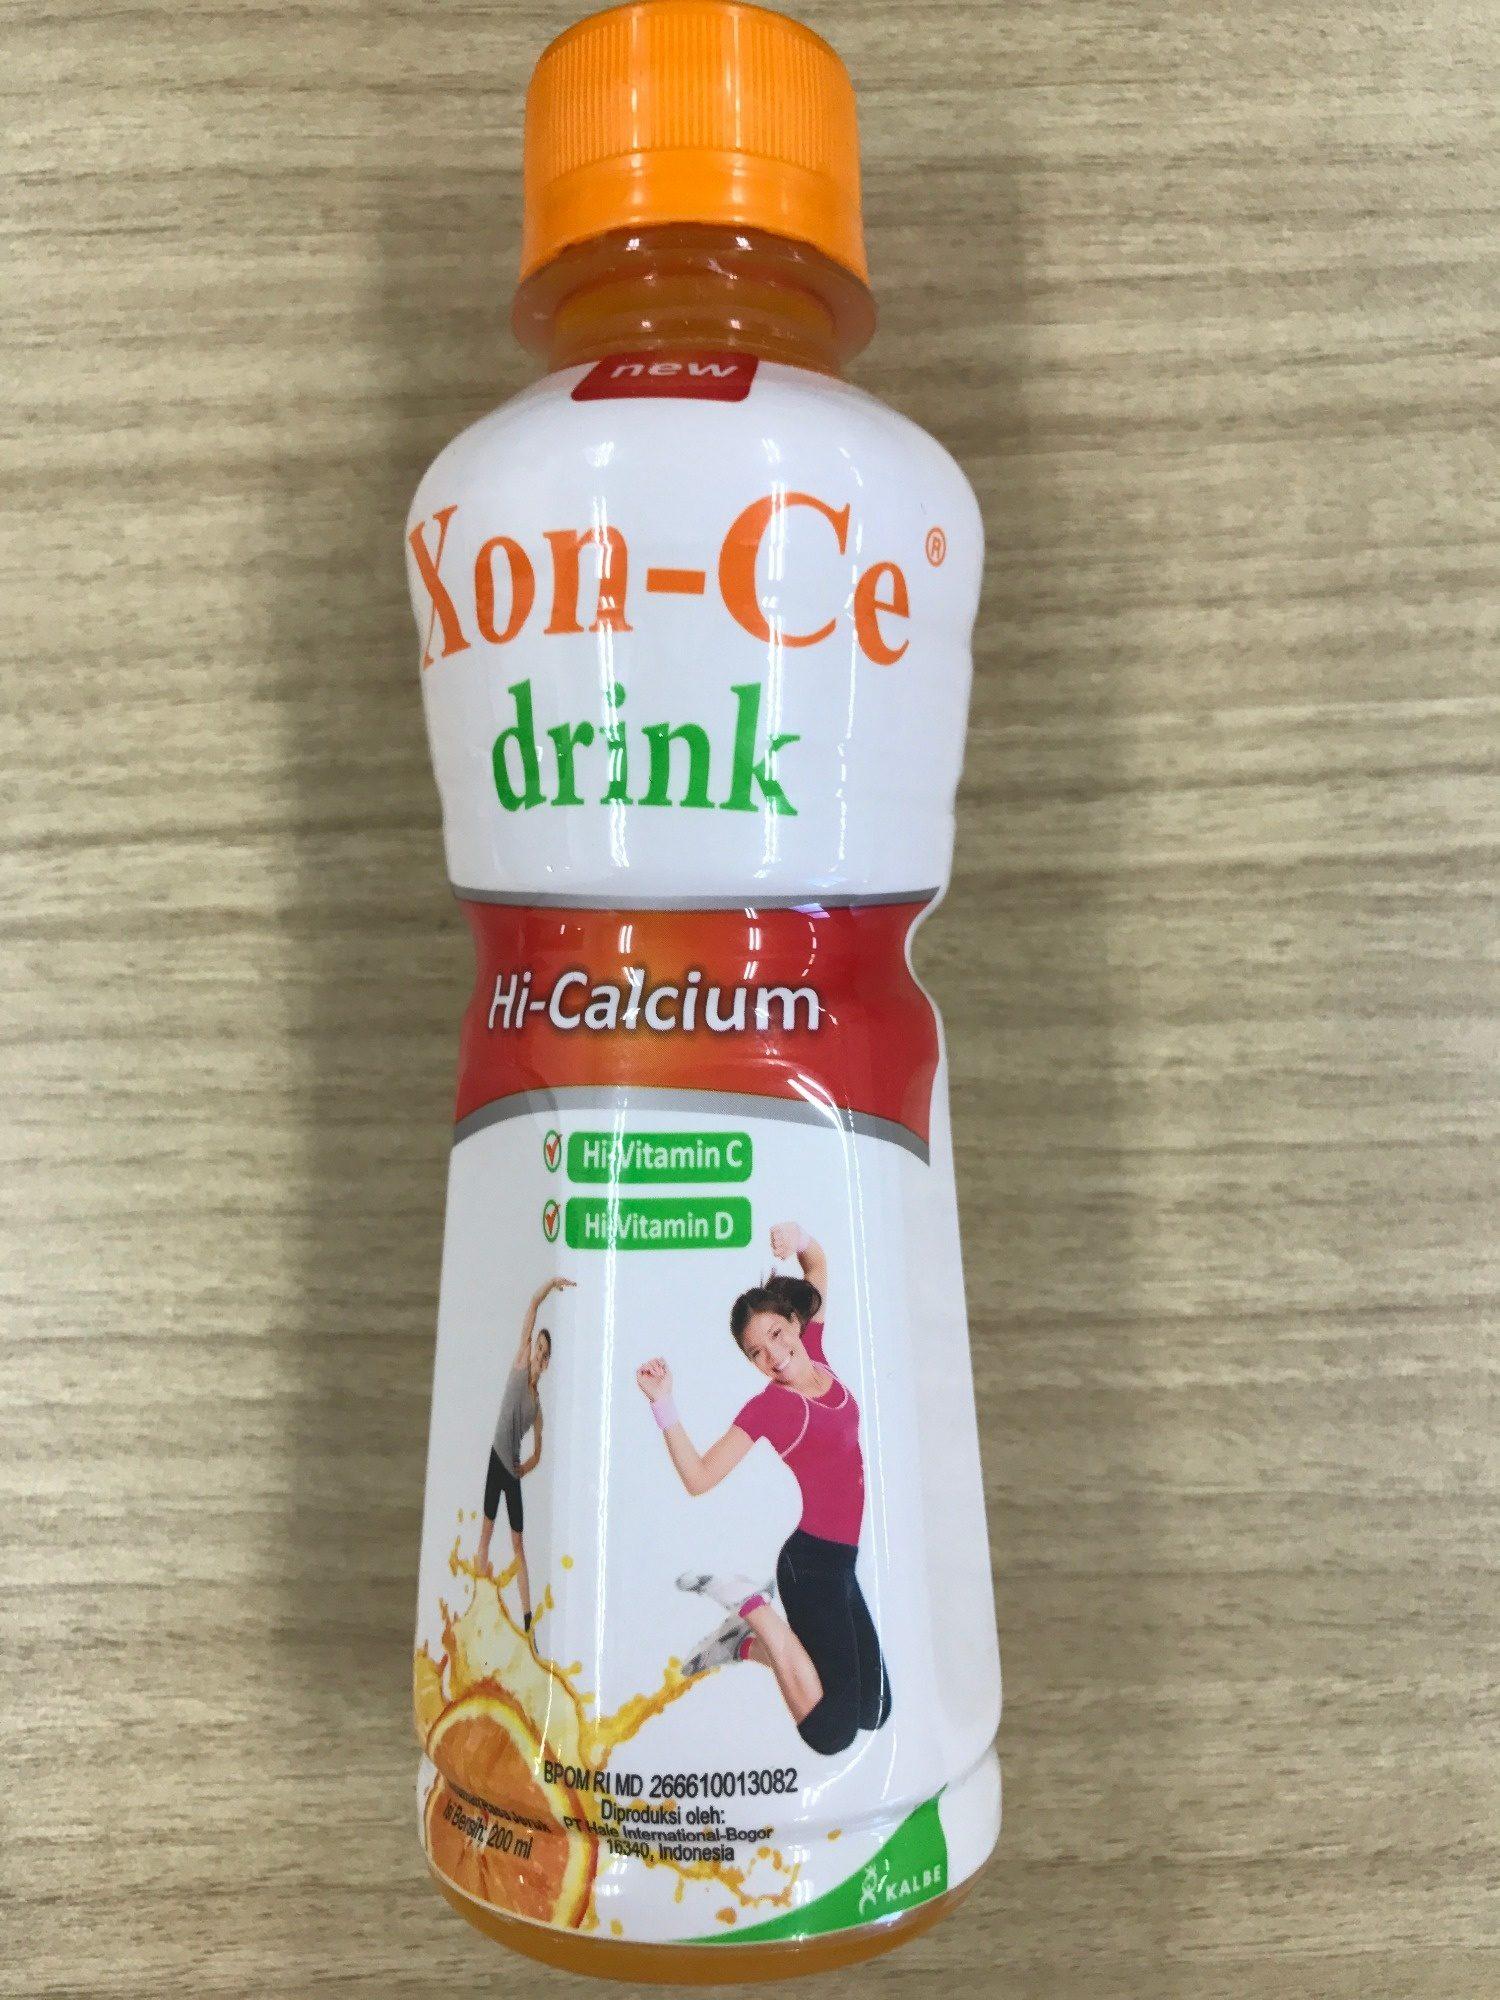 Kalbe Xon-Ce - Produk